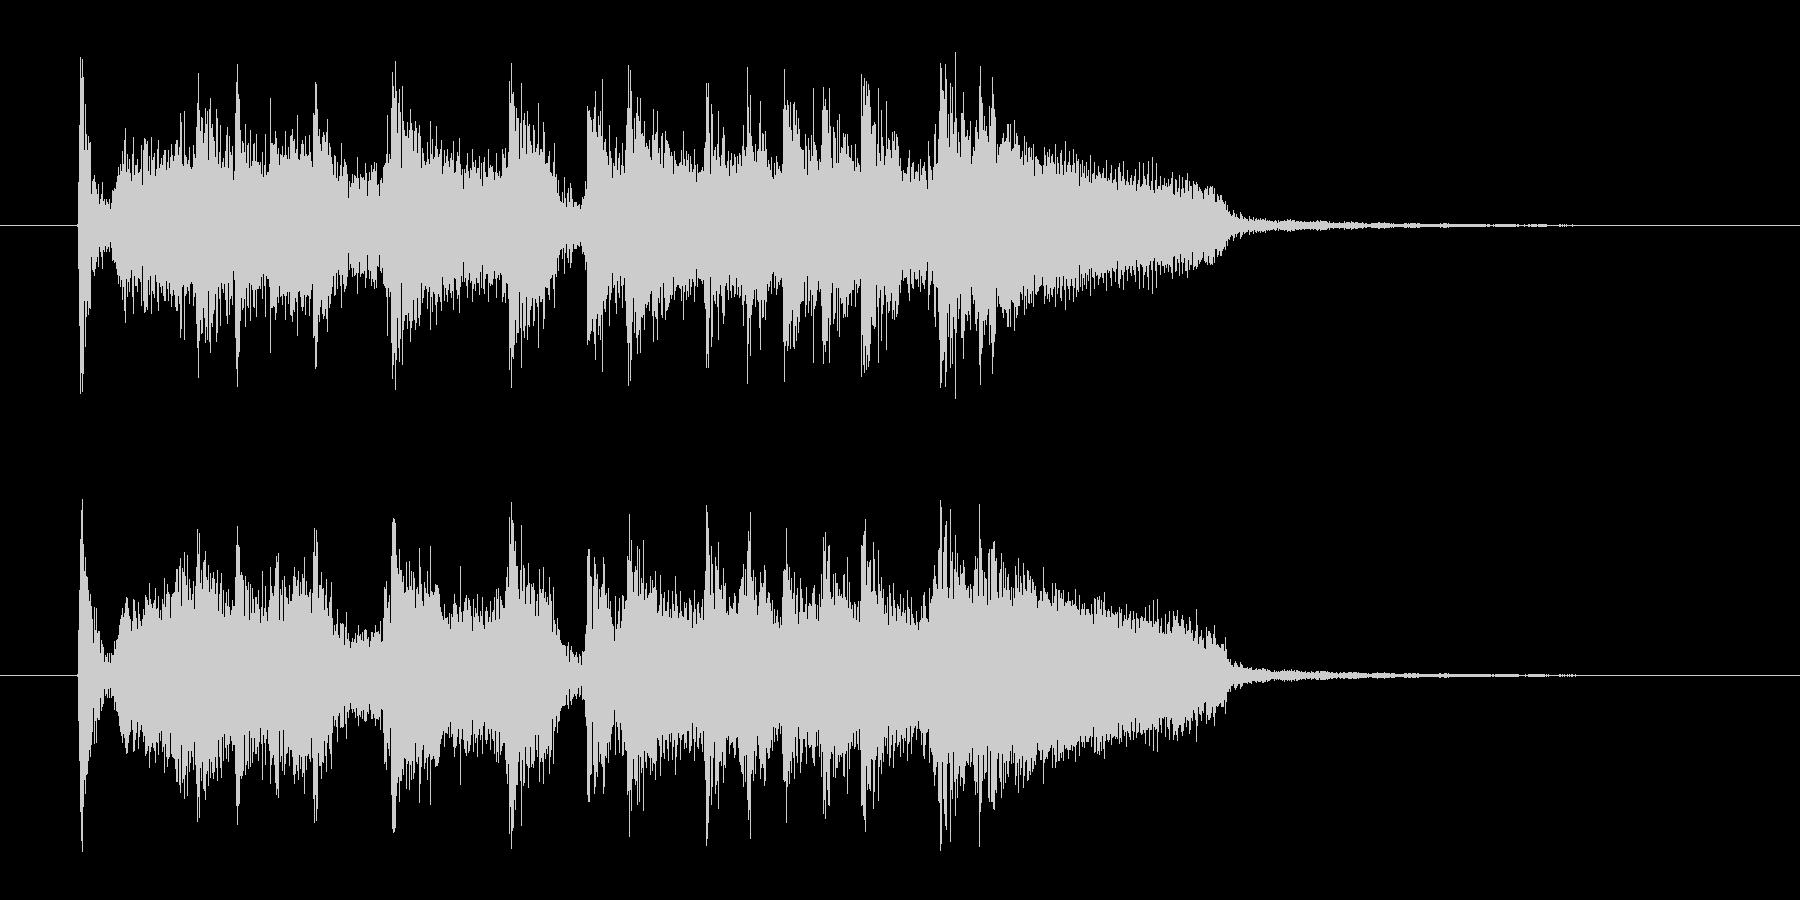 ドタバタと賑やかなロックバンドのジングルの未再生の波形